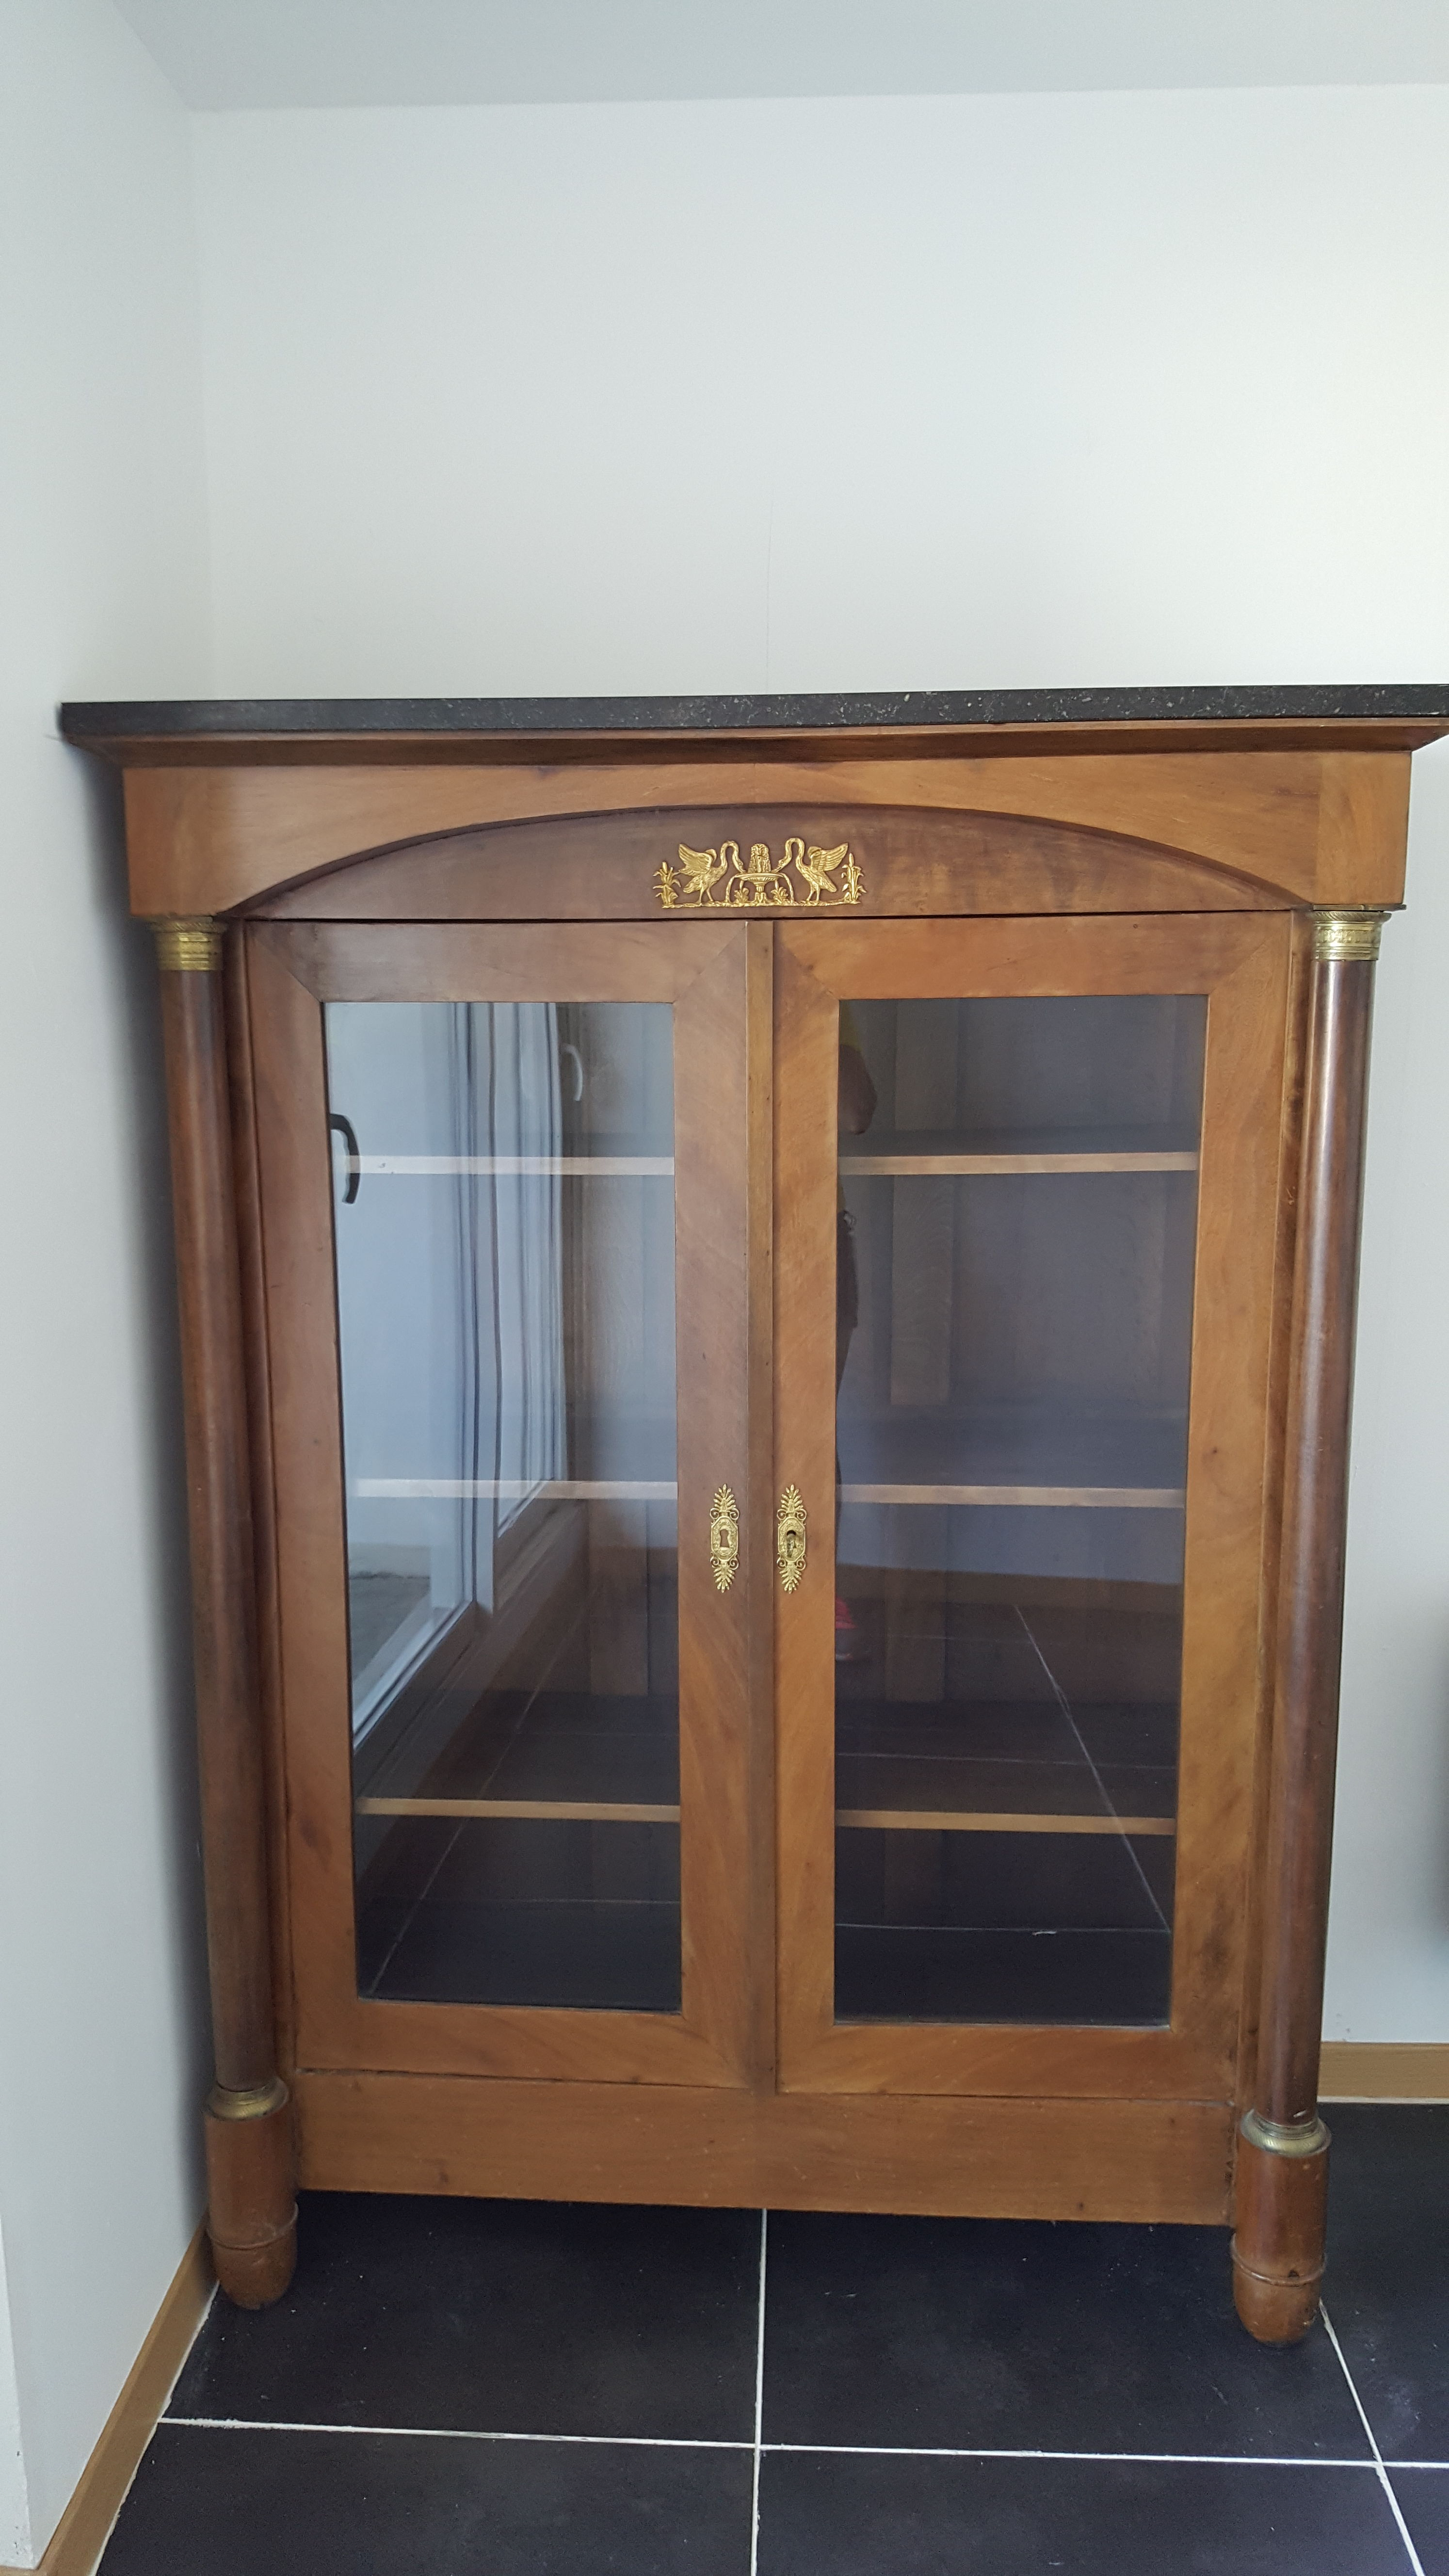 meubles acajou occasion toulouse 31 annonces achat et vente de meubles acajou paruvendu. Black Bedroom Furniture Sets. Home Design Ideas